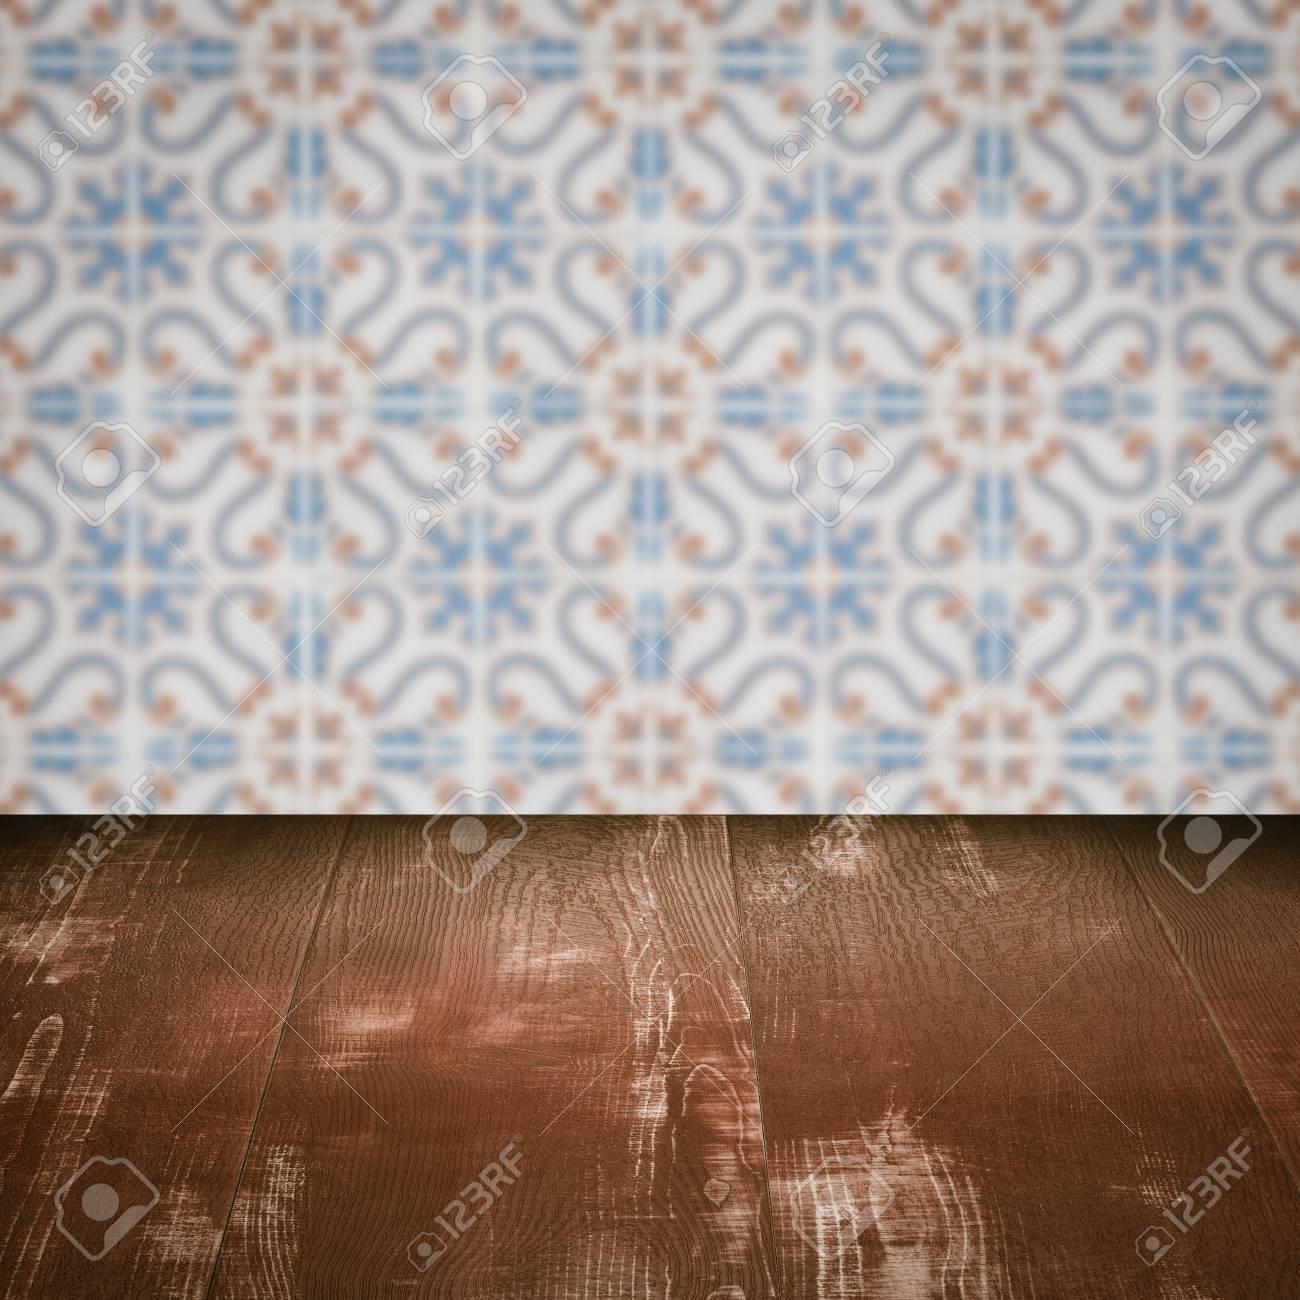 Bezaubernd Muster Wand Galerie Von Leere Holztischplatte Und Unschärfe Vintage-fliesen Im Hintergrund